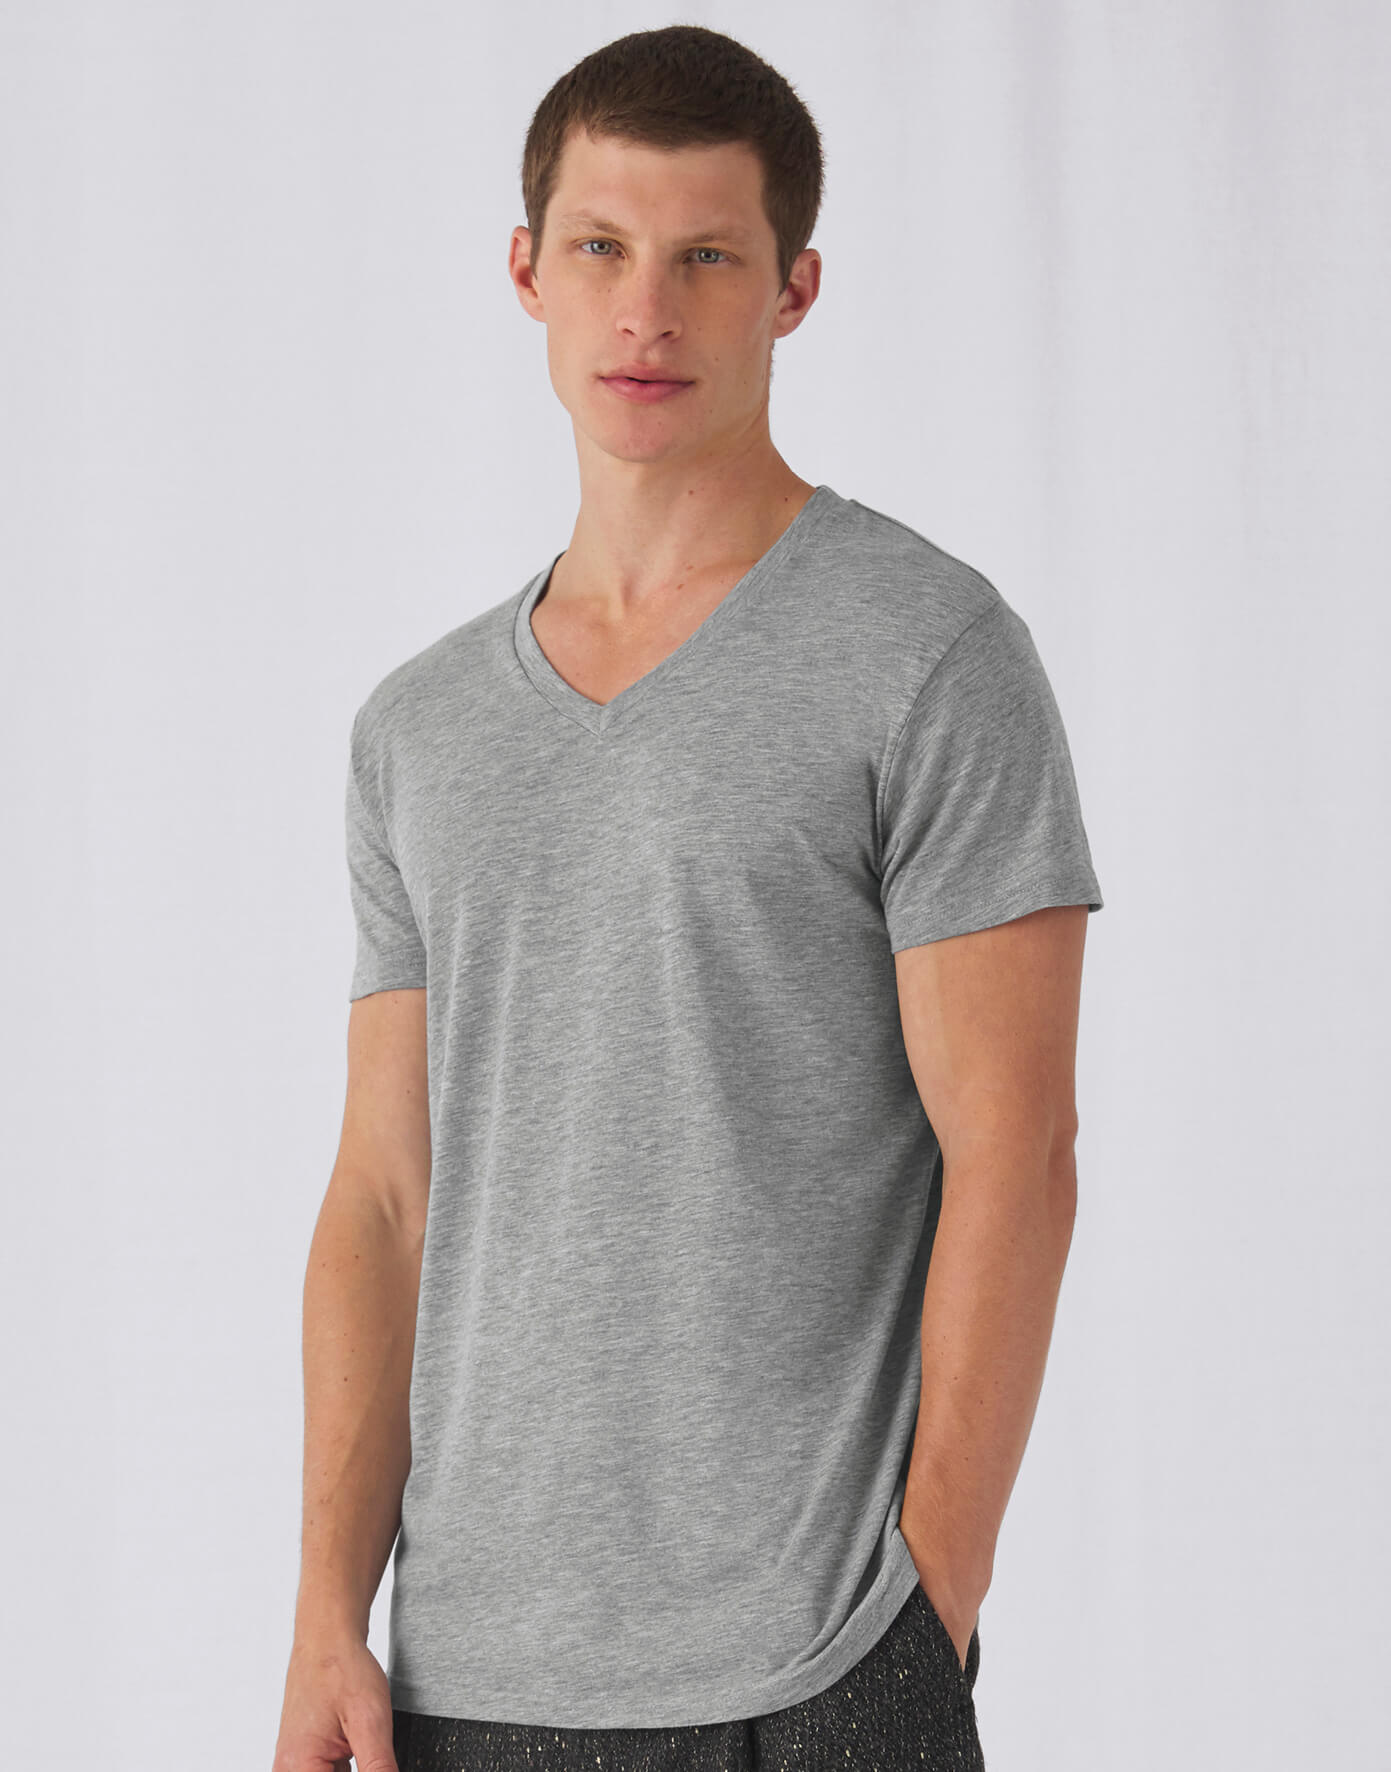 TM057 Triblend tričko s V-výstrihom V Triblend/men